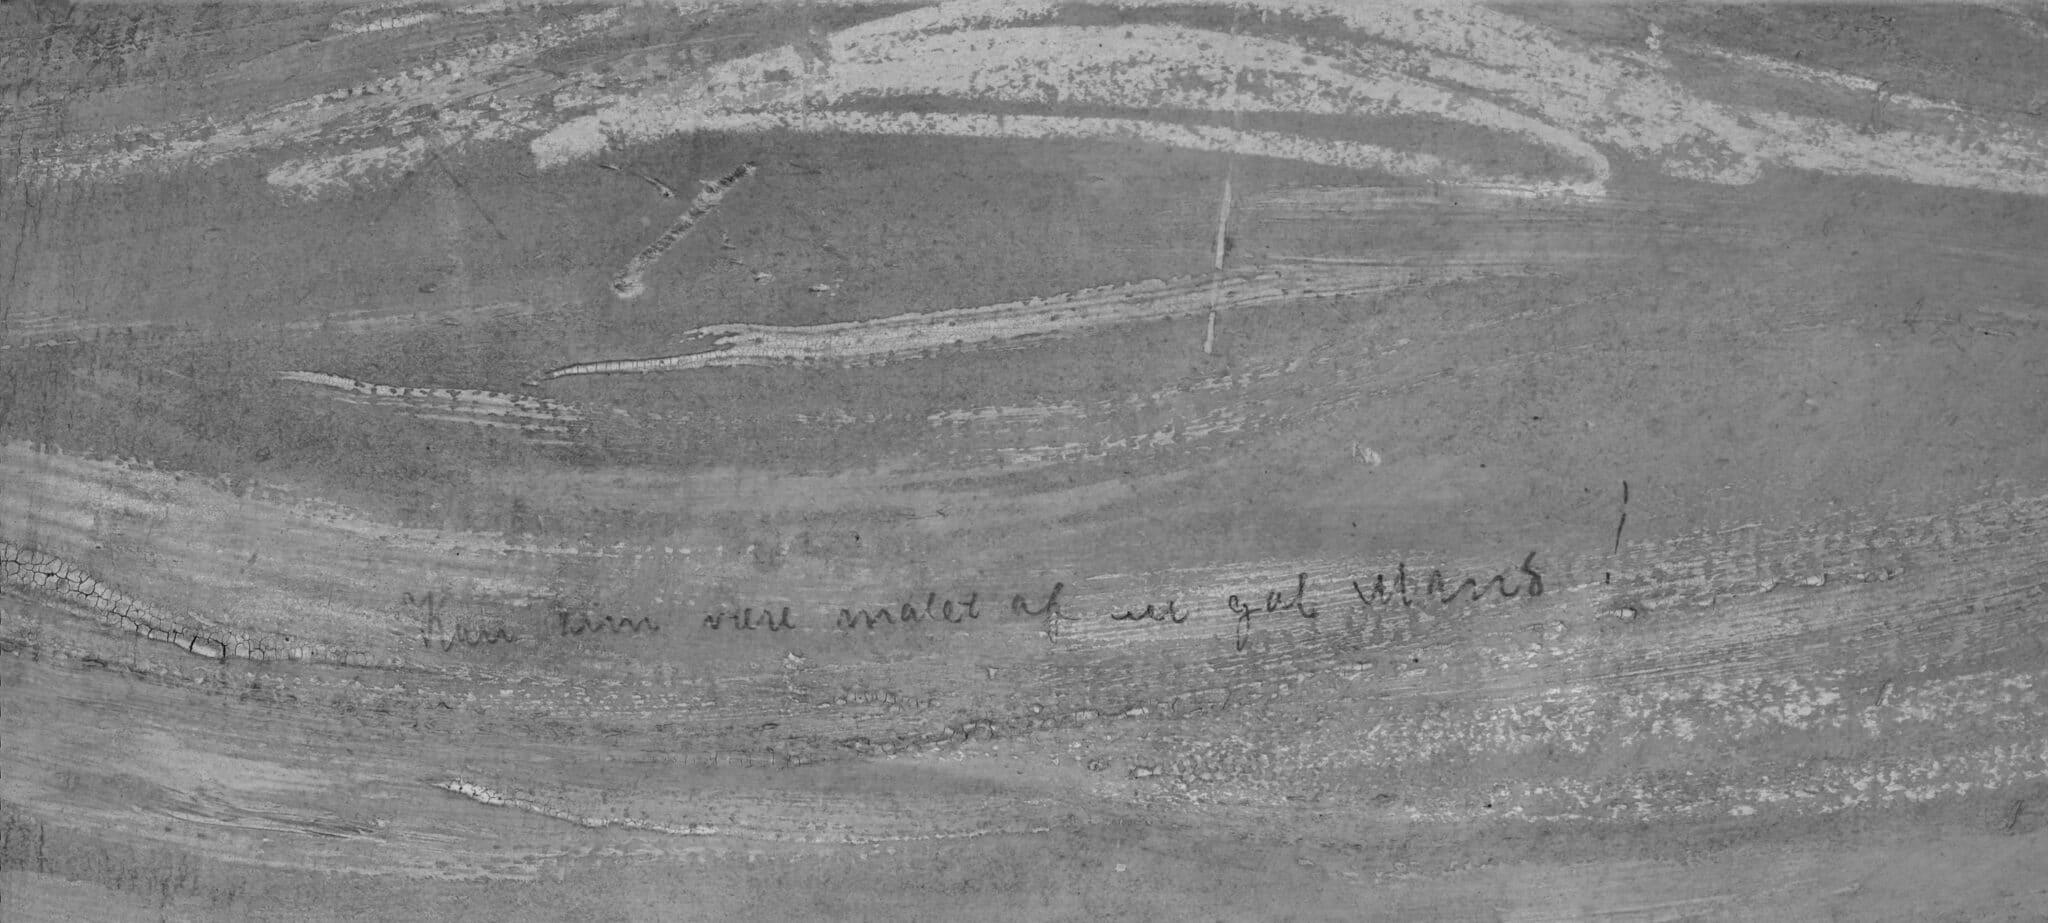 """Nápis """"Mohl být namalován pouze šílencem!"""" na obrazu Výkřik od Edvarda Muncha"""